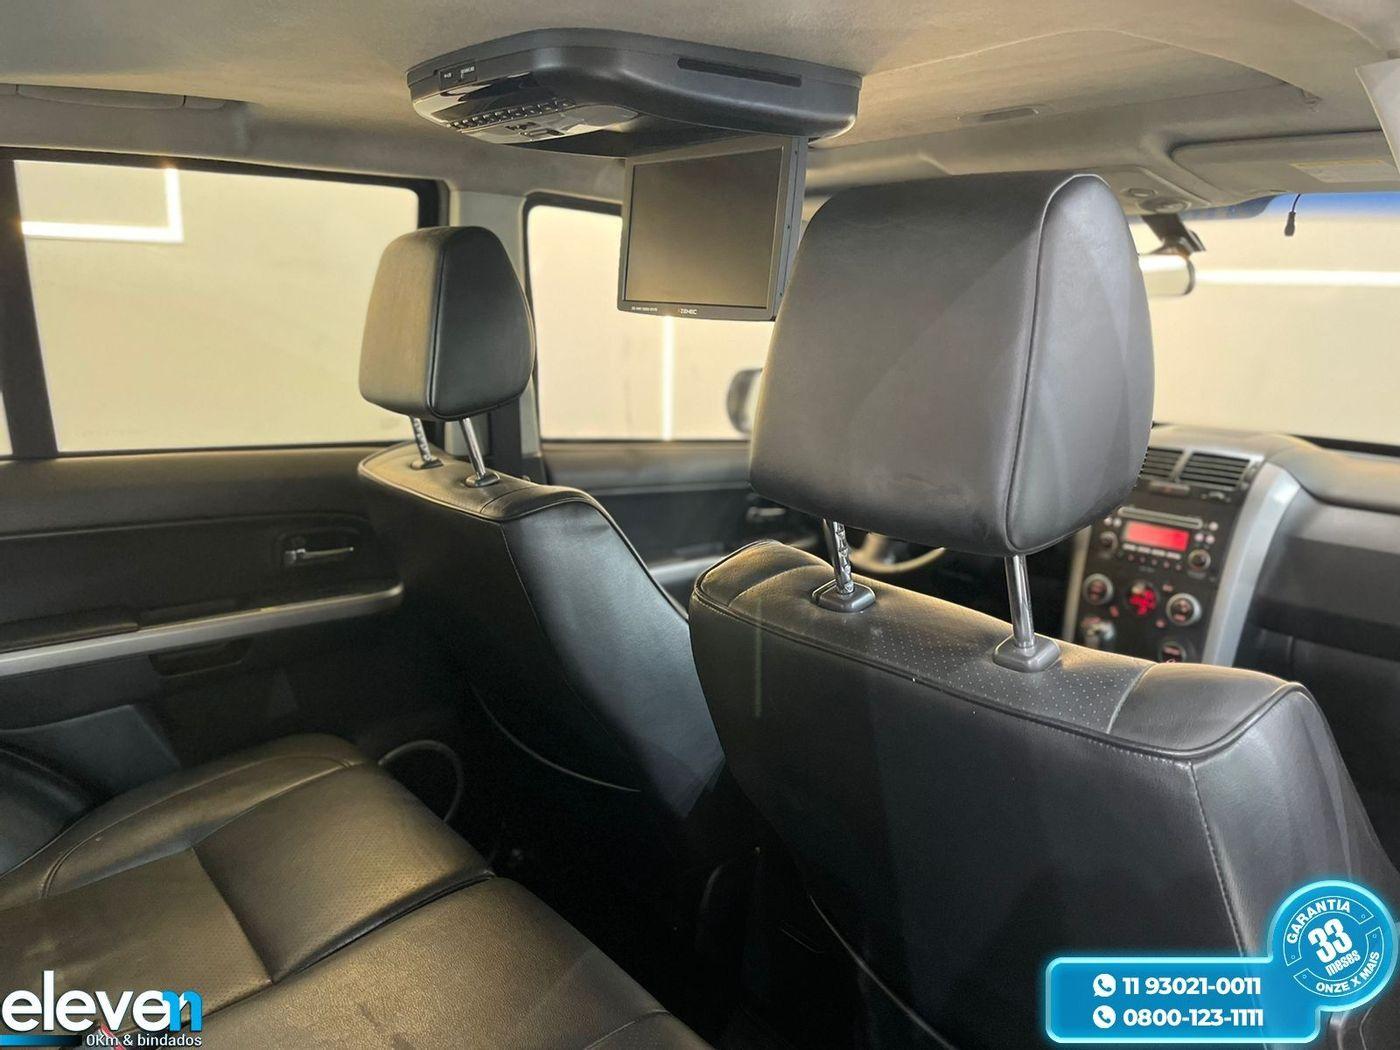 Suzuki Grand Vitara 3.2 24V 4WD 5p Aut.